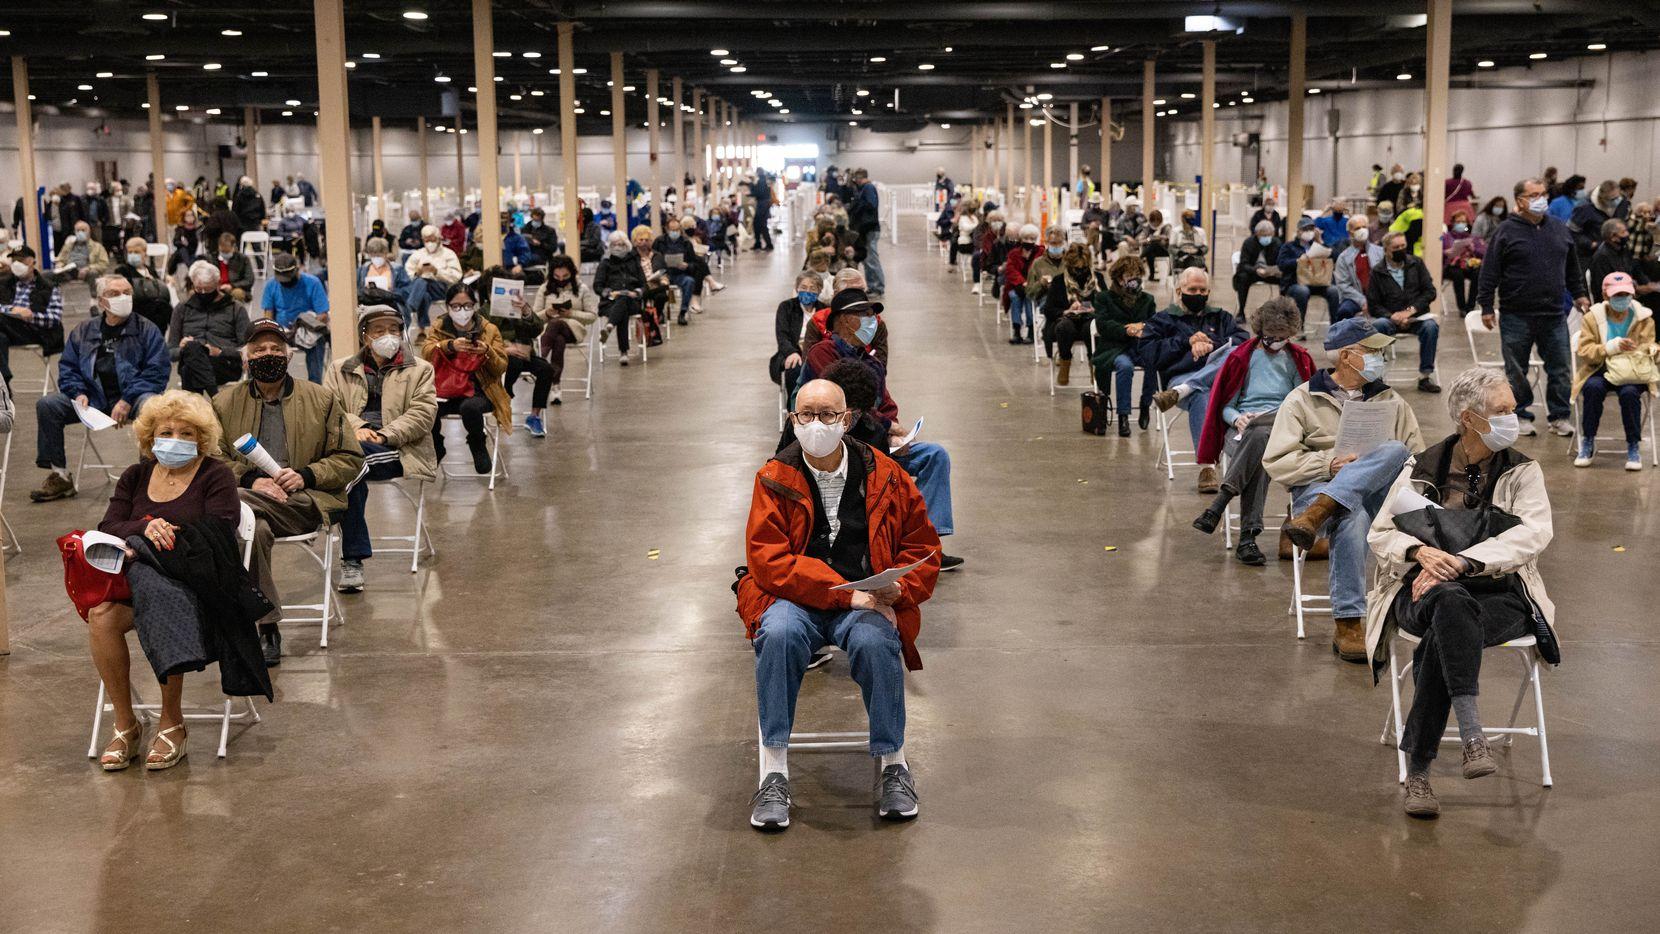 Cientos de persona esperan en Fair Park por su vacuna contra covid-19. La distribución de la vacuna ha tenido una pobre ejecución, según la Junta Editorial de The Dallas Morning News.